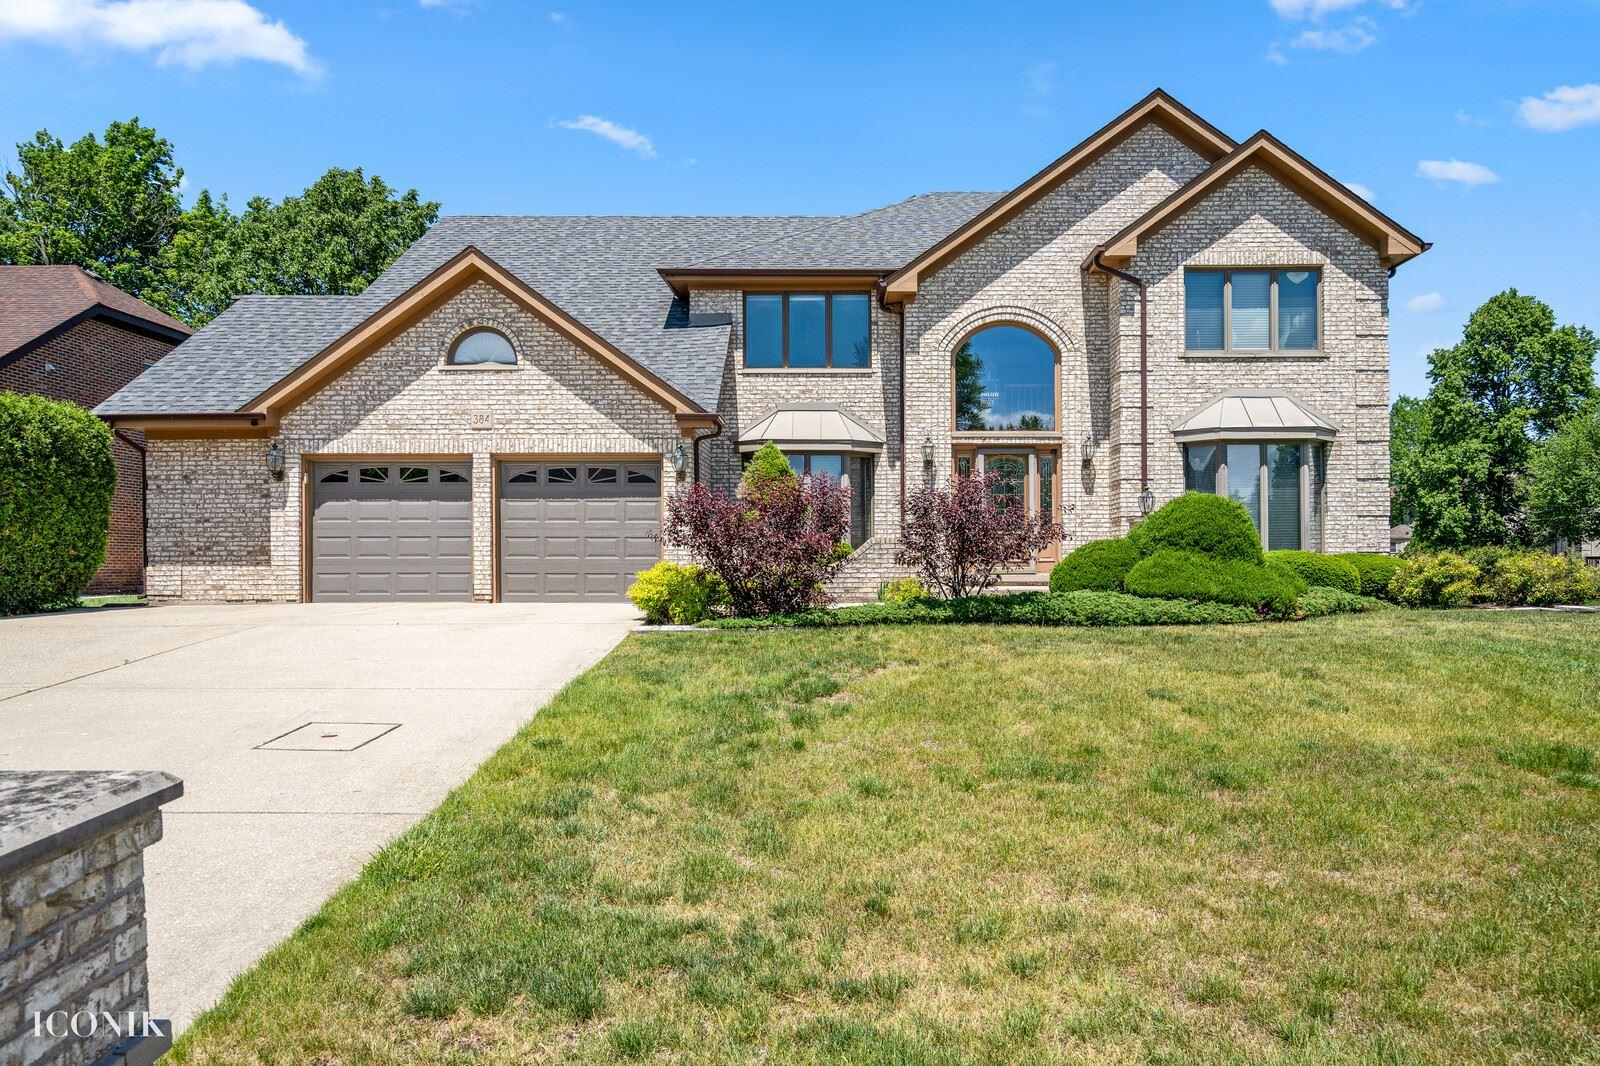 384 Woodside Drive, Wood Dale, IL 60191 - #: 11104526